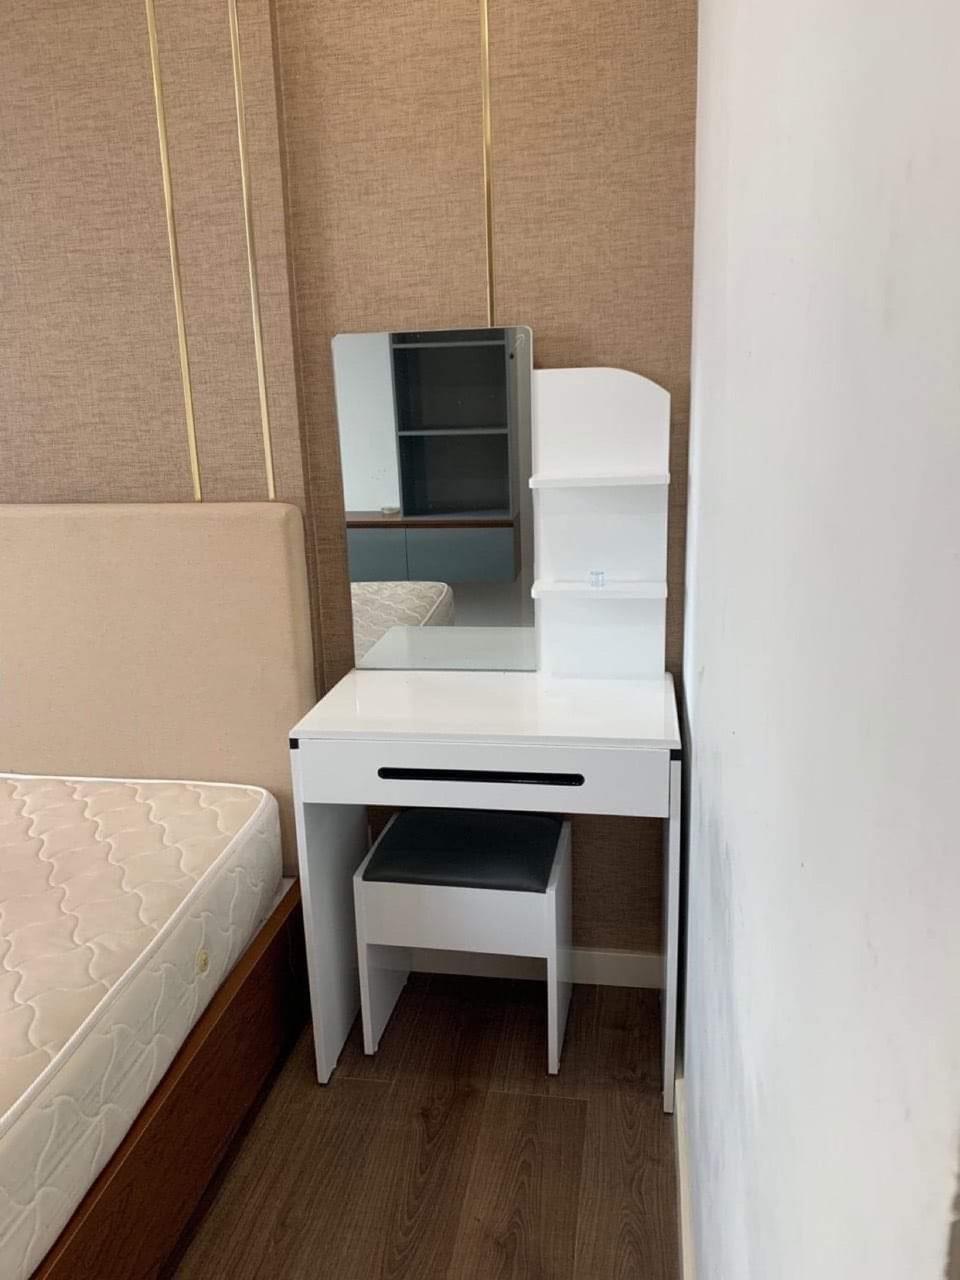 Cần bán gấp căn hộ Luxcity 528 Huỳnh Tấn Phát Quận 7, DT 73m2,2pn,2wc sổ hồng full nội thất đẹp 2.7ty 2183537